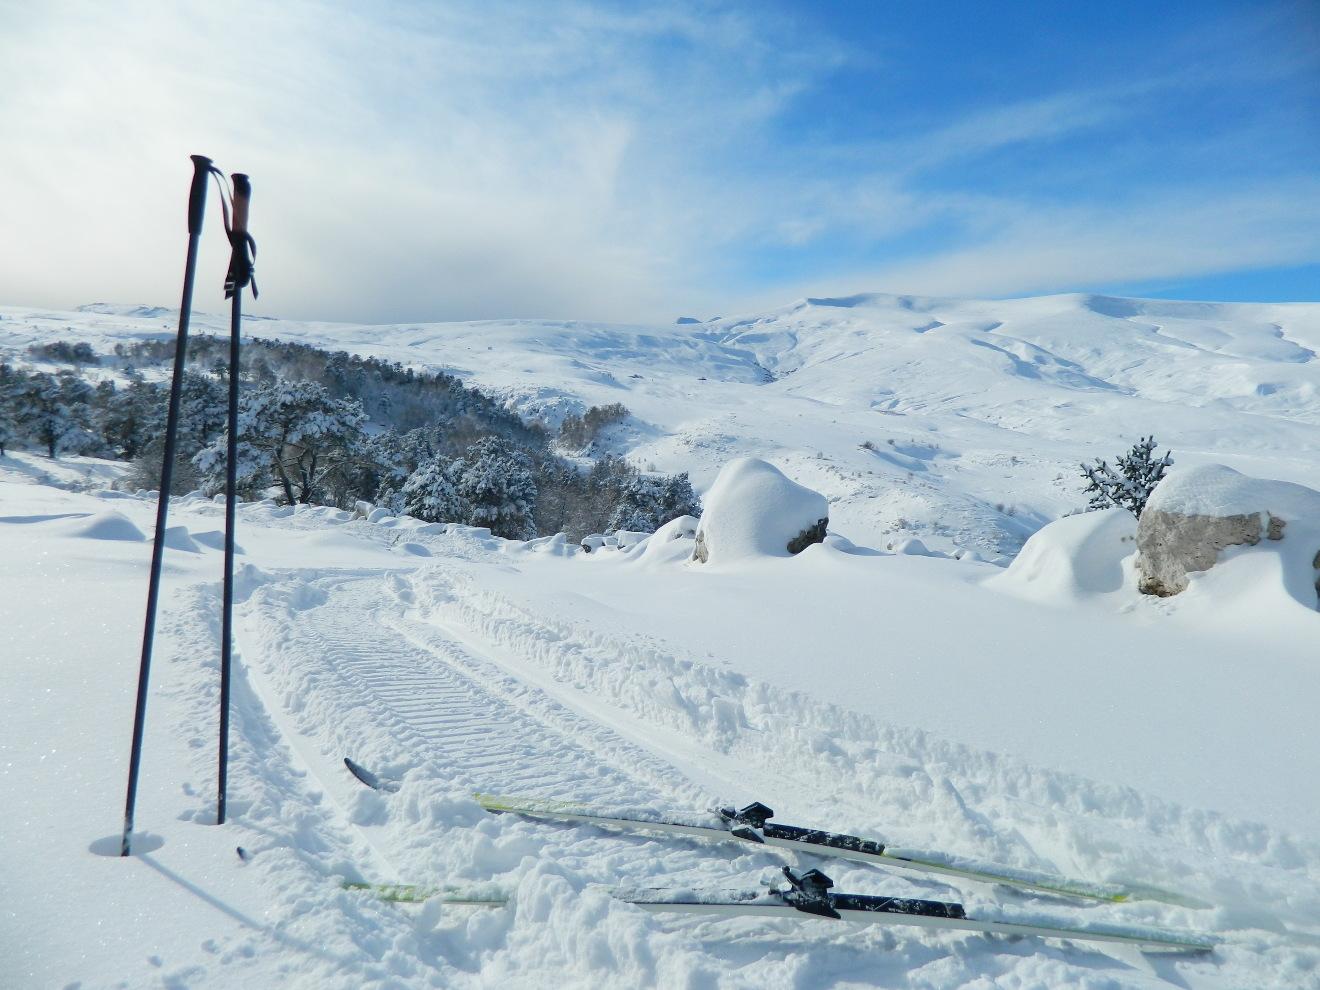 Беговые лыжи на Абадзеше, фото декабрь 2018 г.